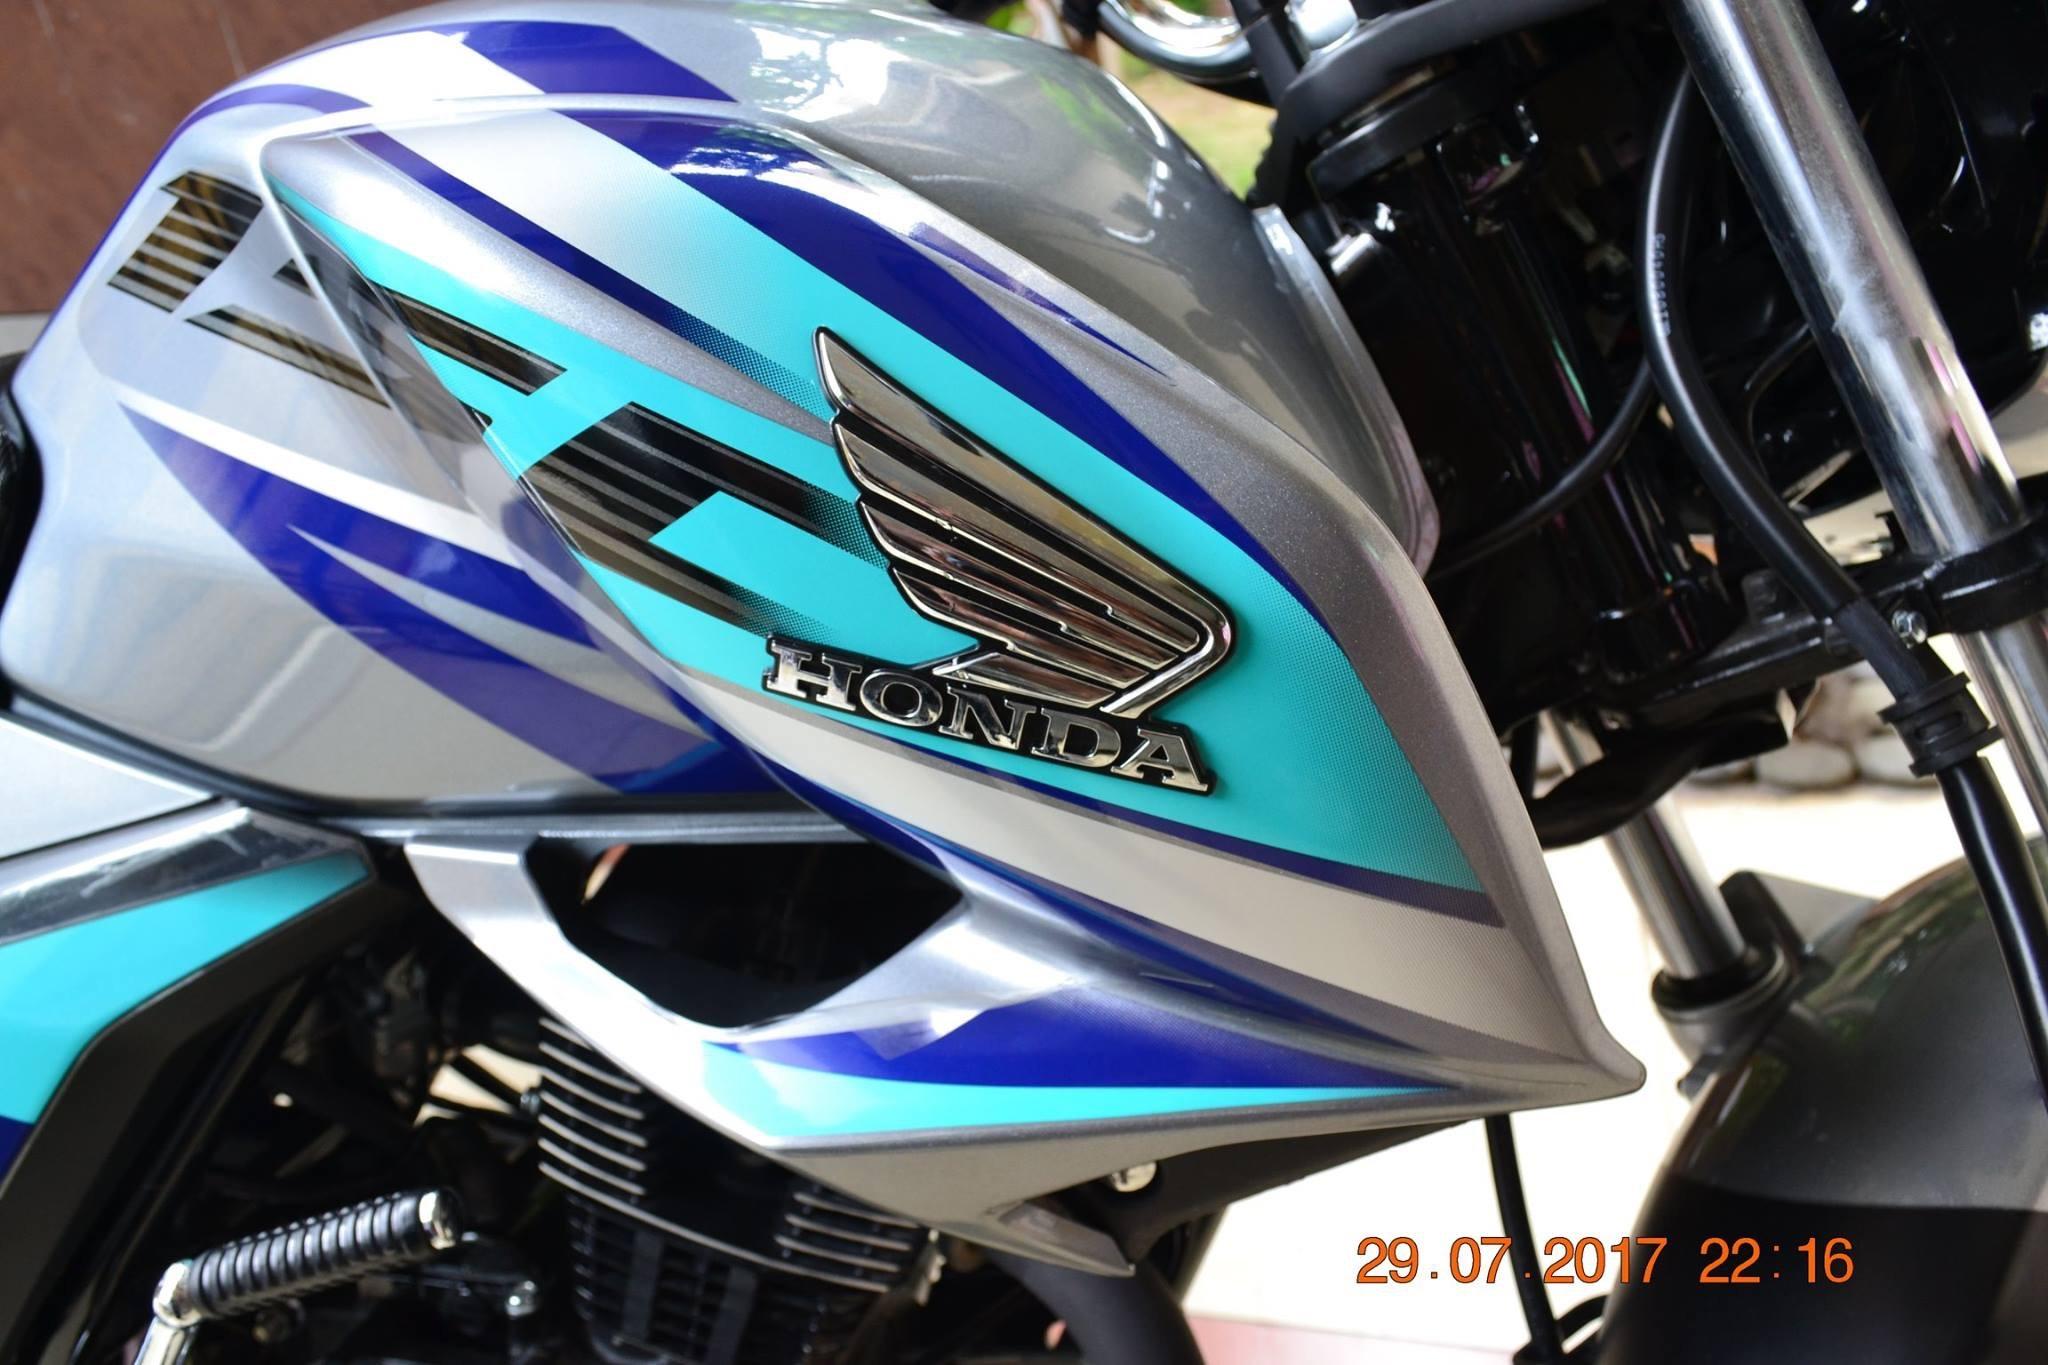 Honda Cb 150 F Detailed Review Bike Forums Pakwheels Cover Shock Cbr 150r Img 27102048x1365 372 Kb